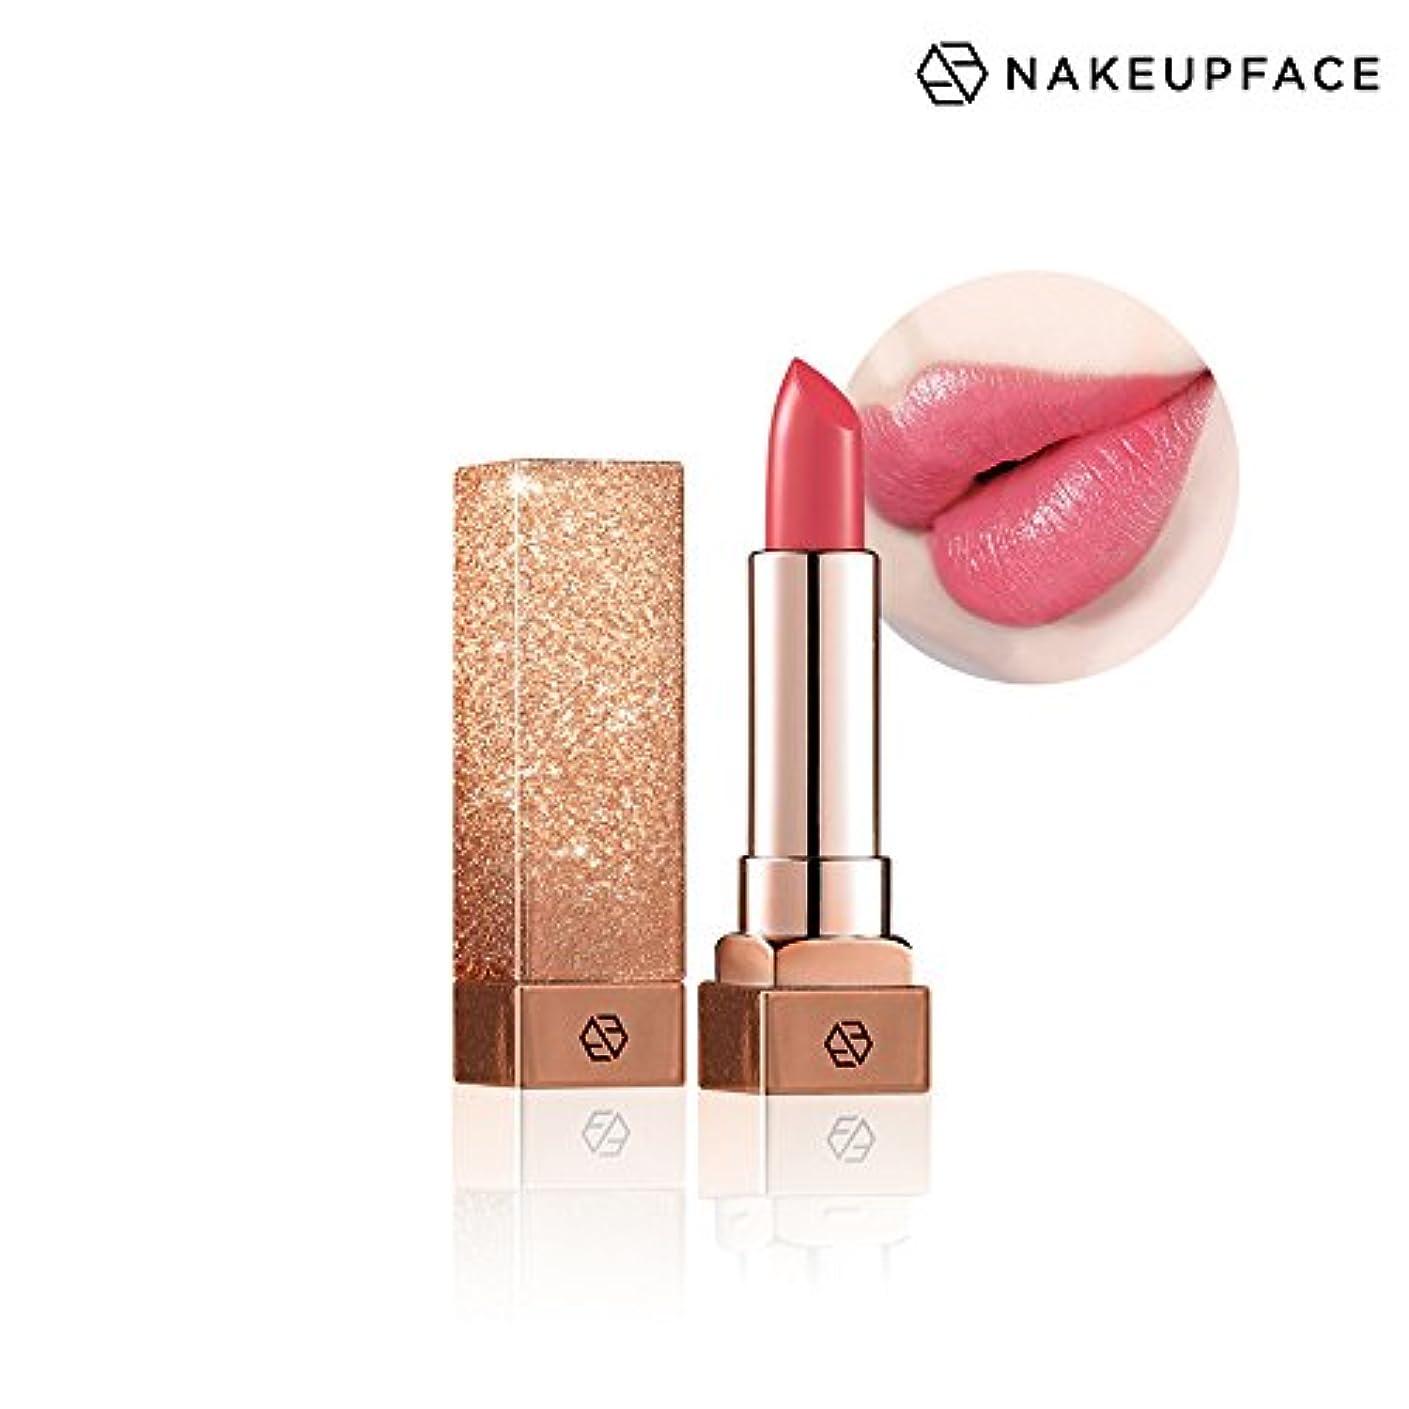 列挙するヘビダンプネイクアップ フェイス [NAKE UP FACE] C-カップ リップトックス スティック(リップスティック) 5 Colors (No.02 Marilyn)